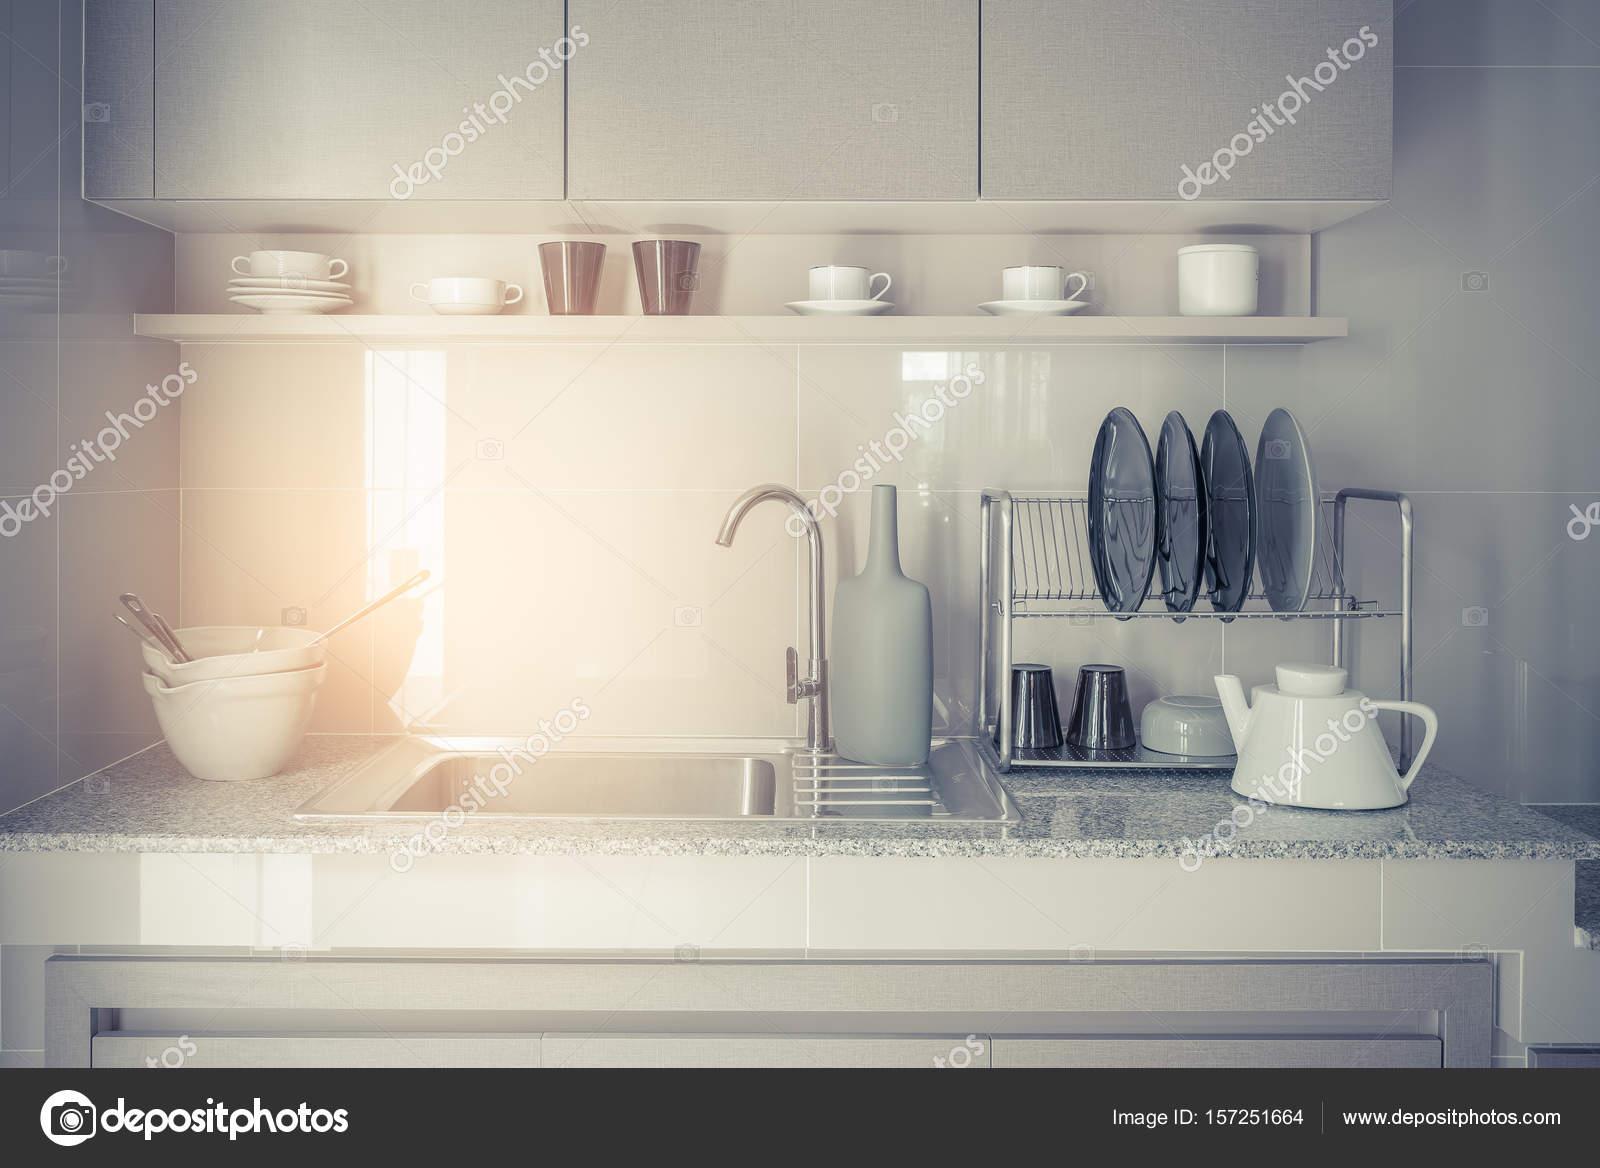 fregadero de acero inoxidable con grifería de cocina — Foto de stock ...